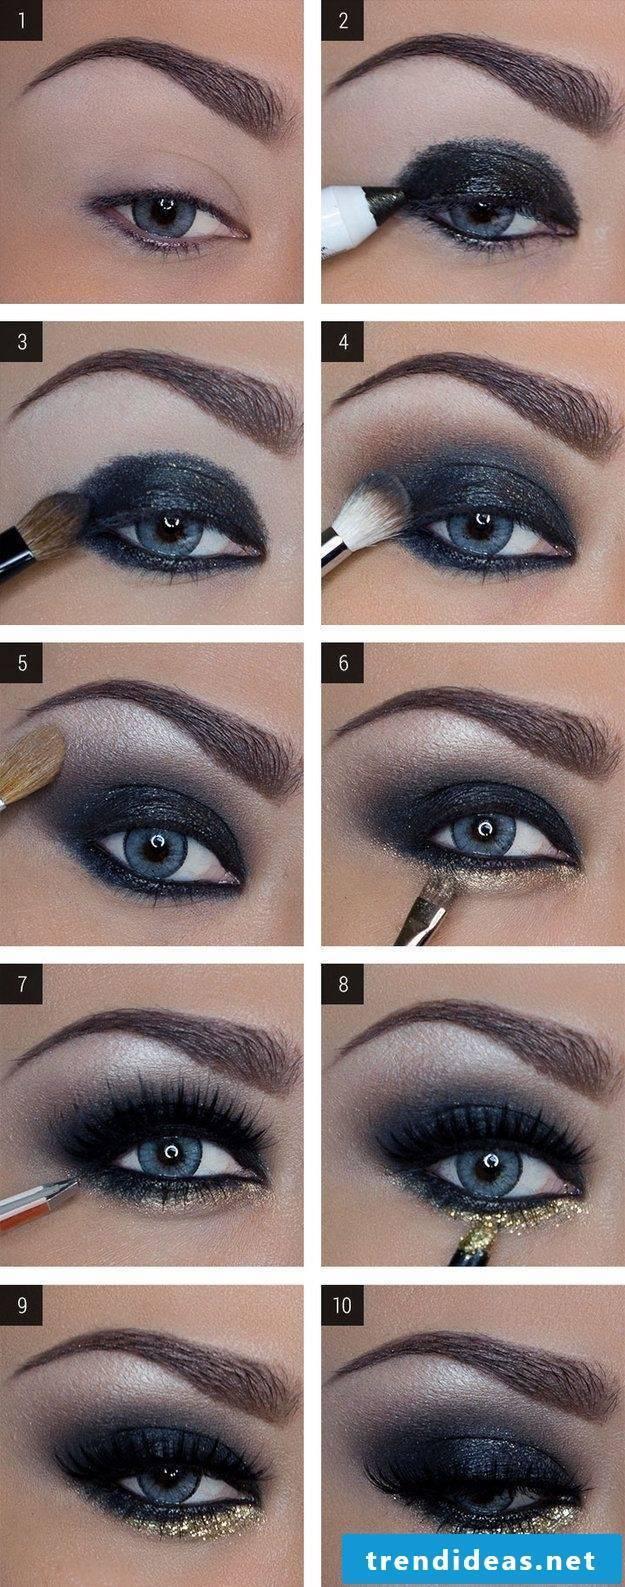 An eye makeup instruction